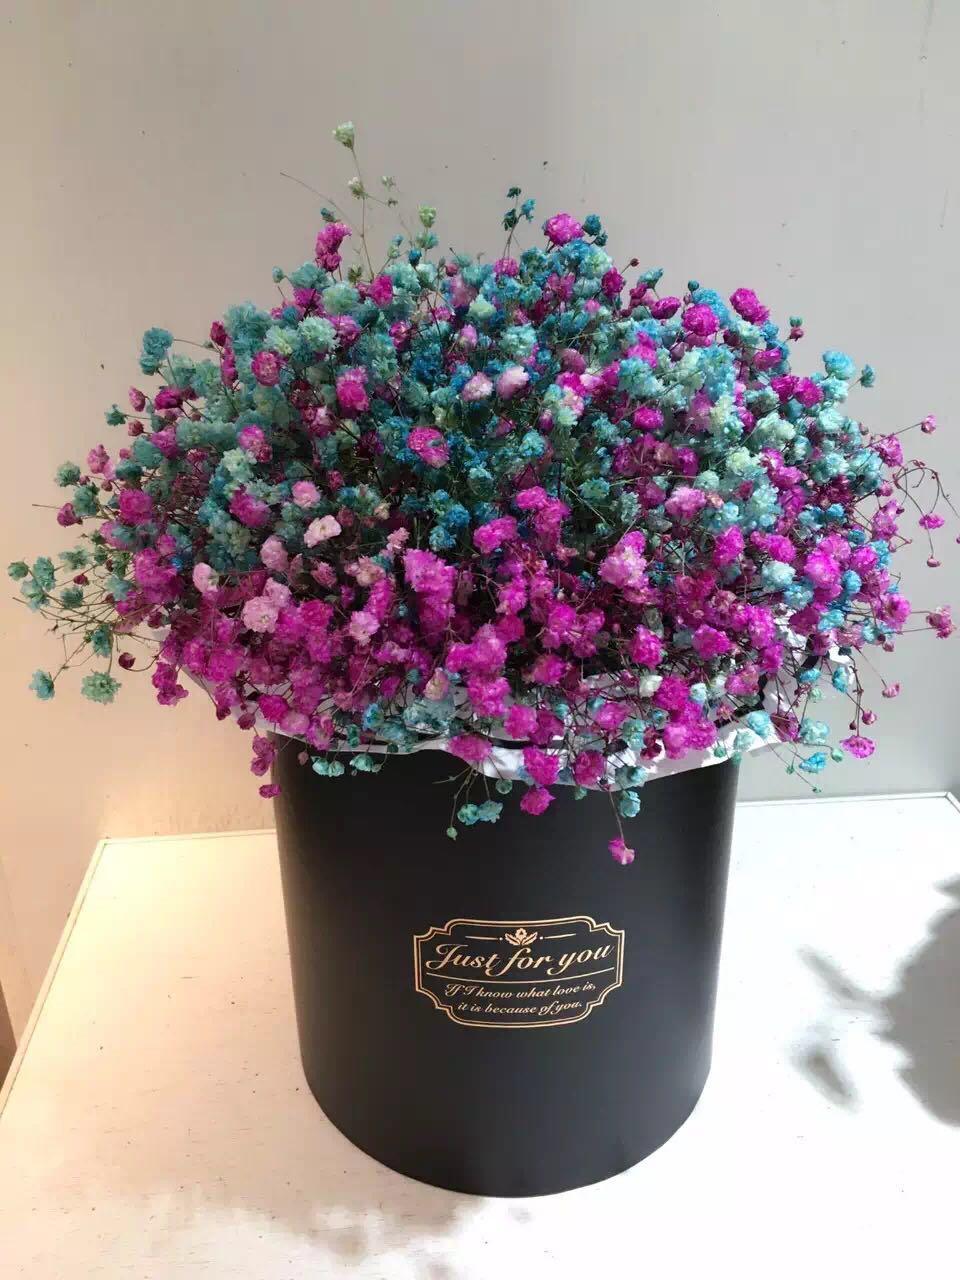 重庆鲜花店同城速递上门欧美风玫瑰约会生日祝福抱抱花桶送花